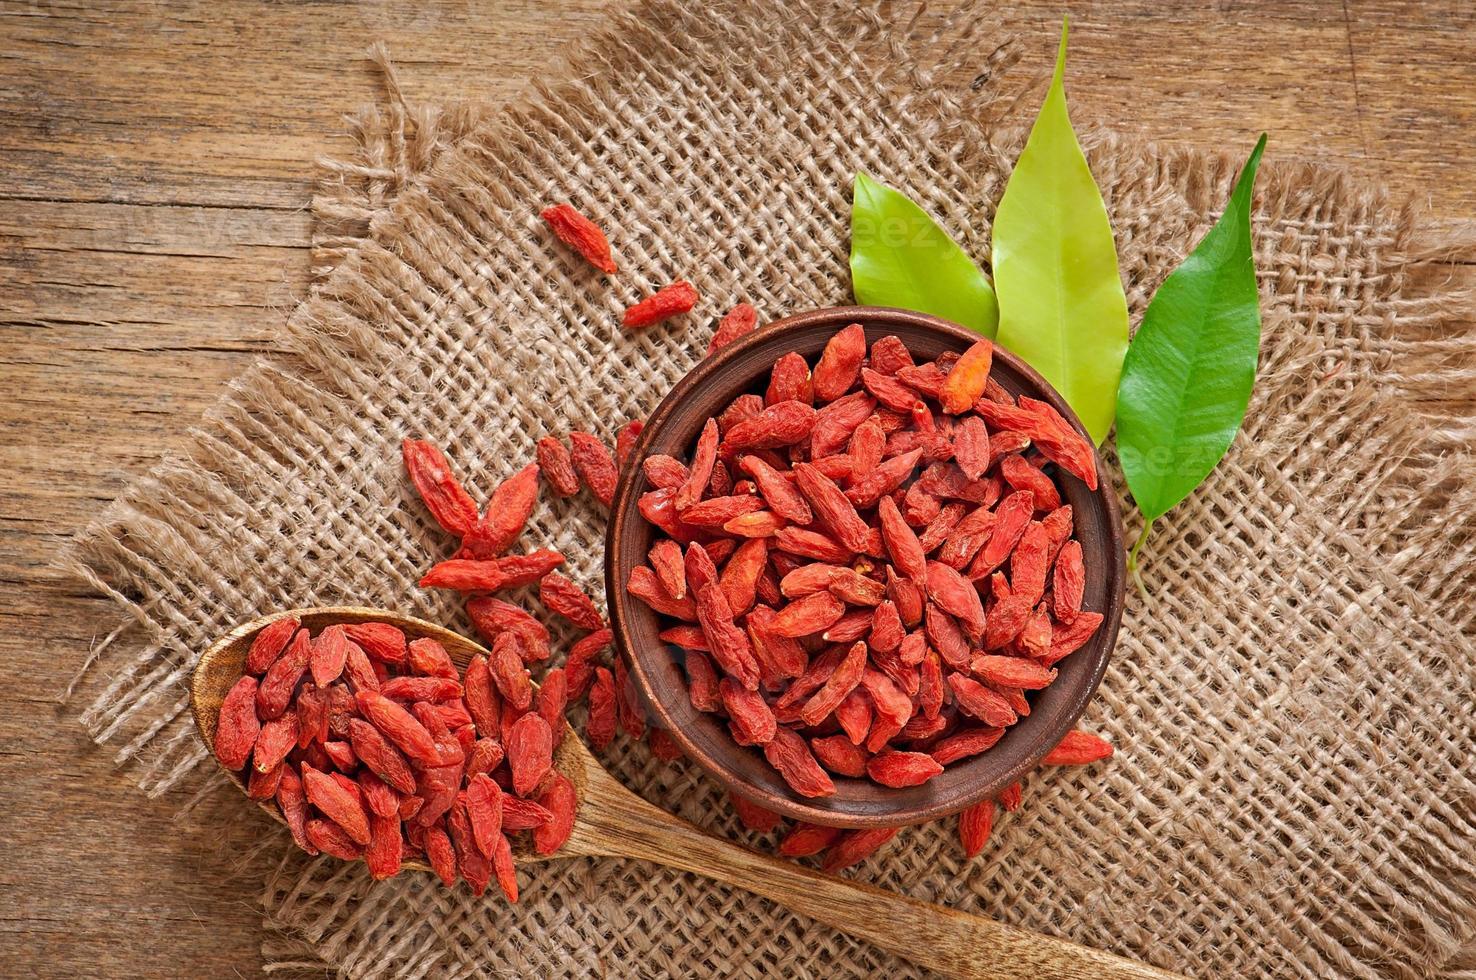 bacche di goji essiccate rosse in un cucchiaio di legno foto